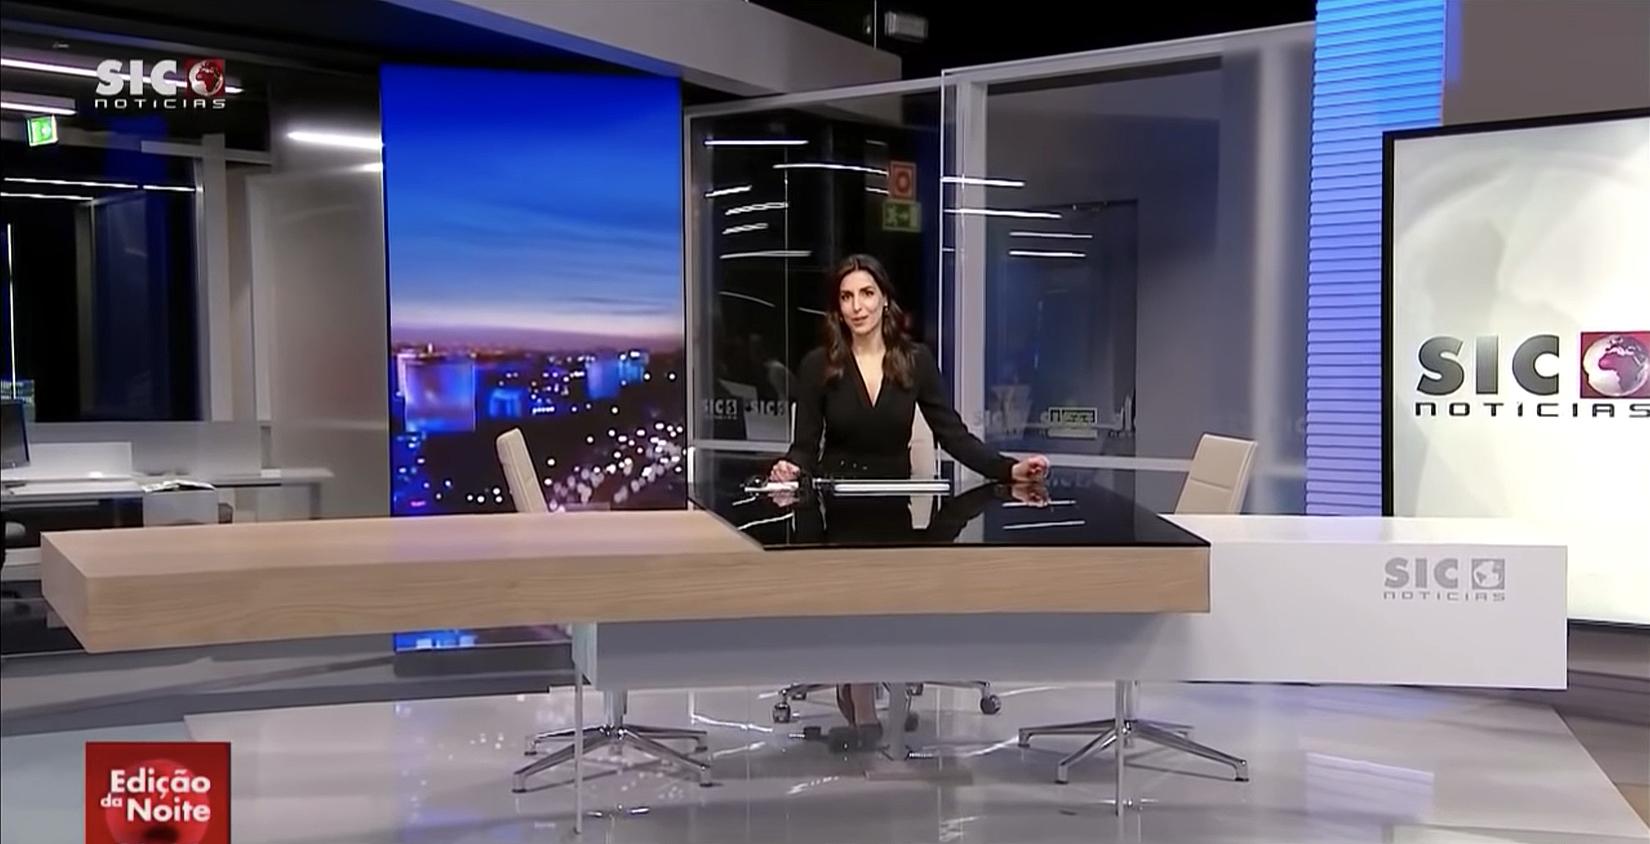 NCS_SIC-Noticias-EStudio-2019_0015